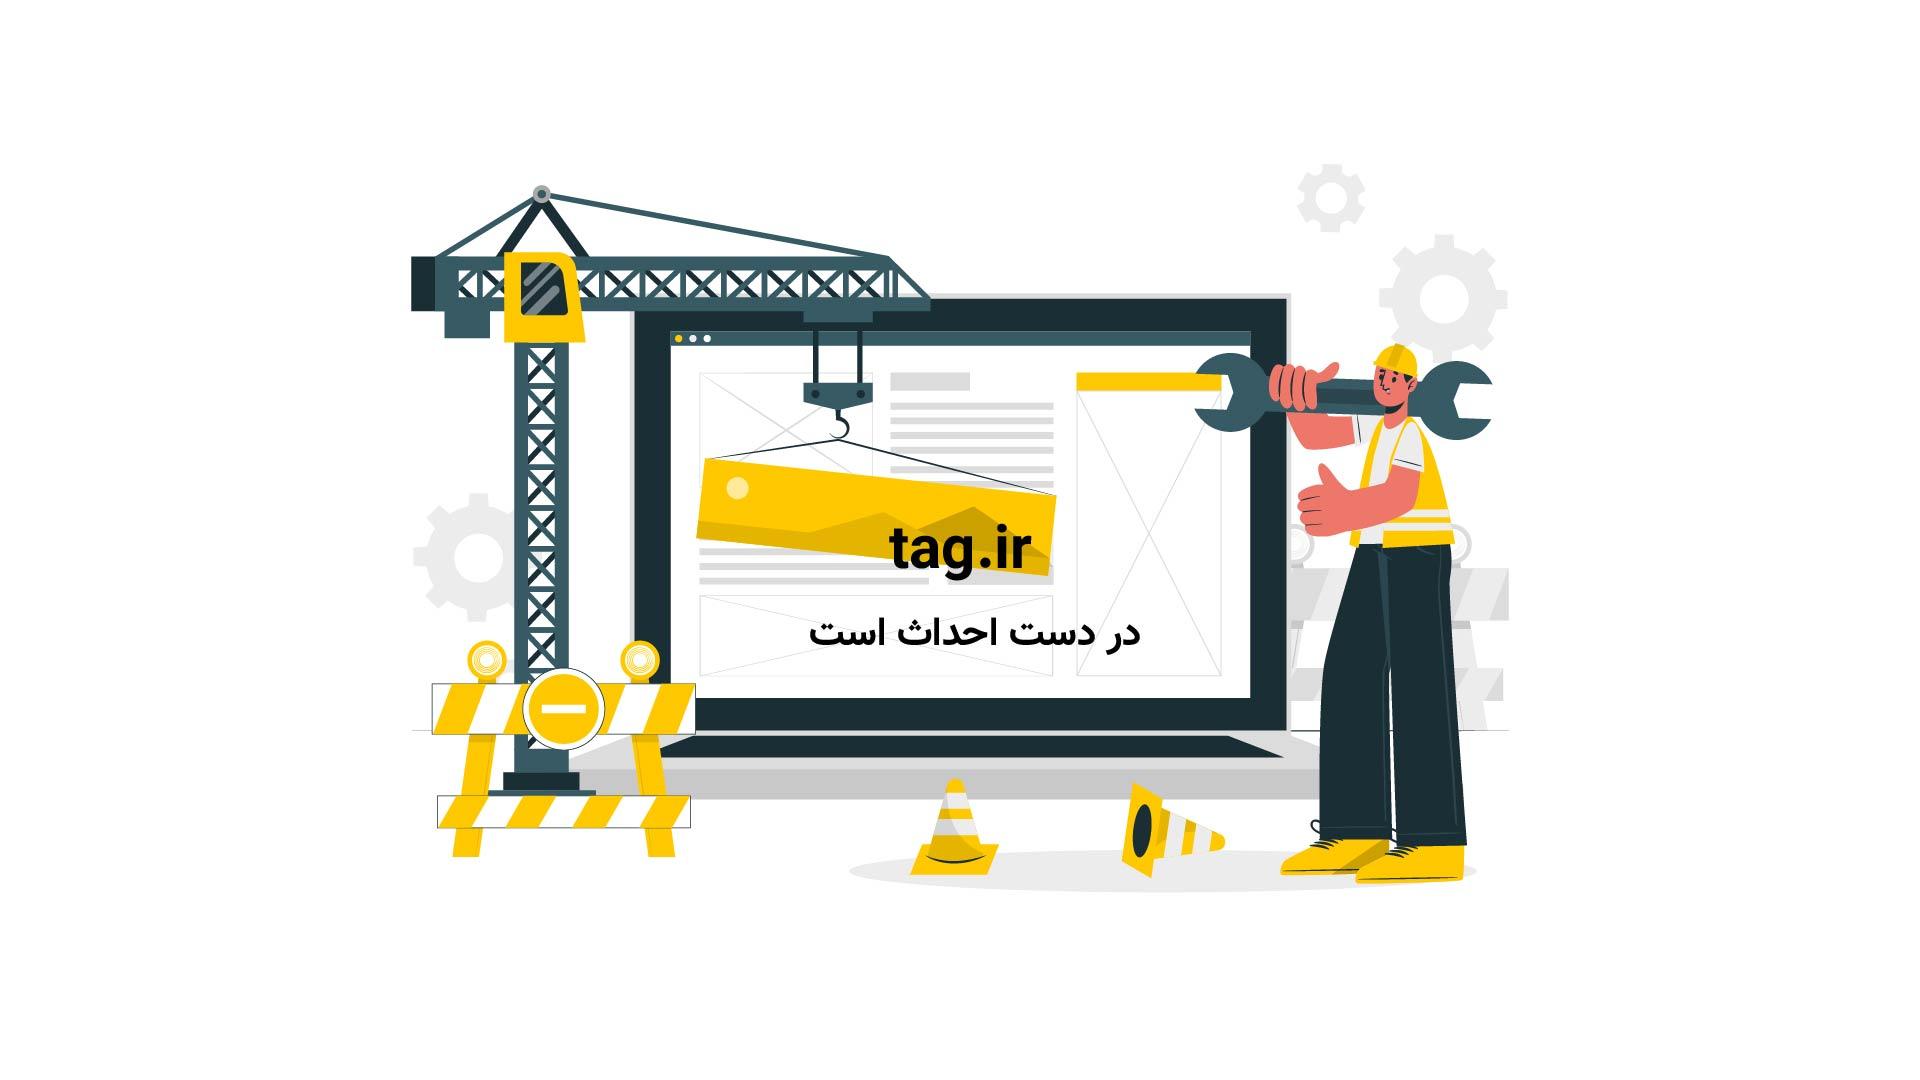 فیل ها و جنگ بین آنها + فیلم